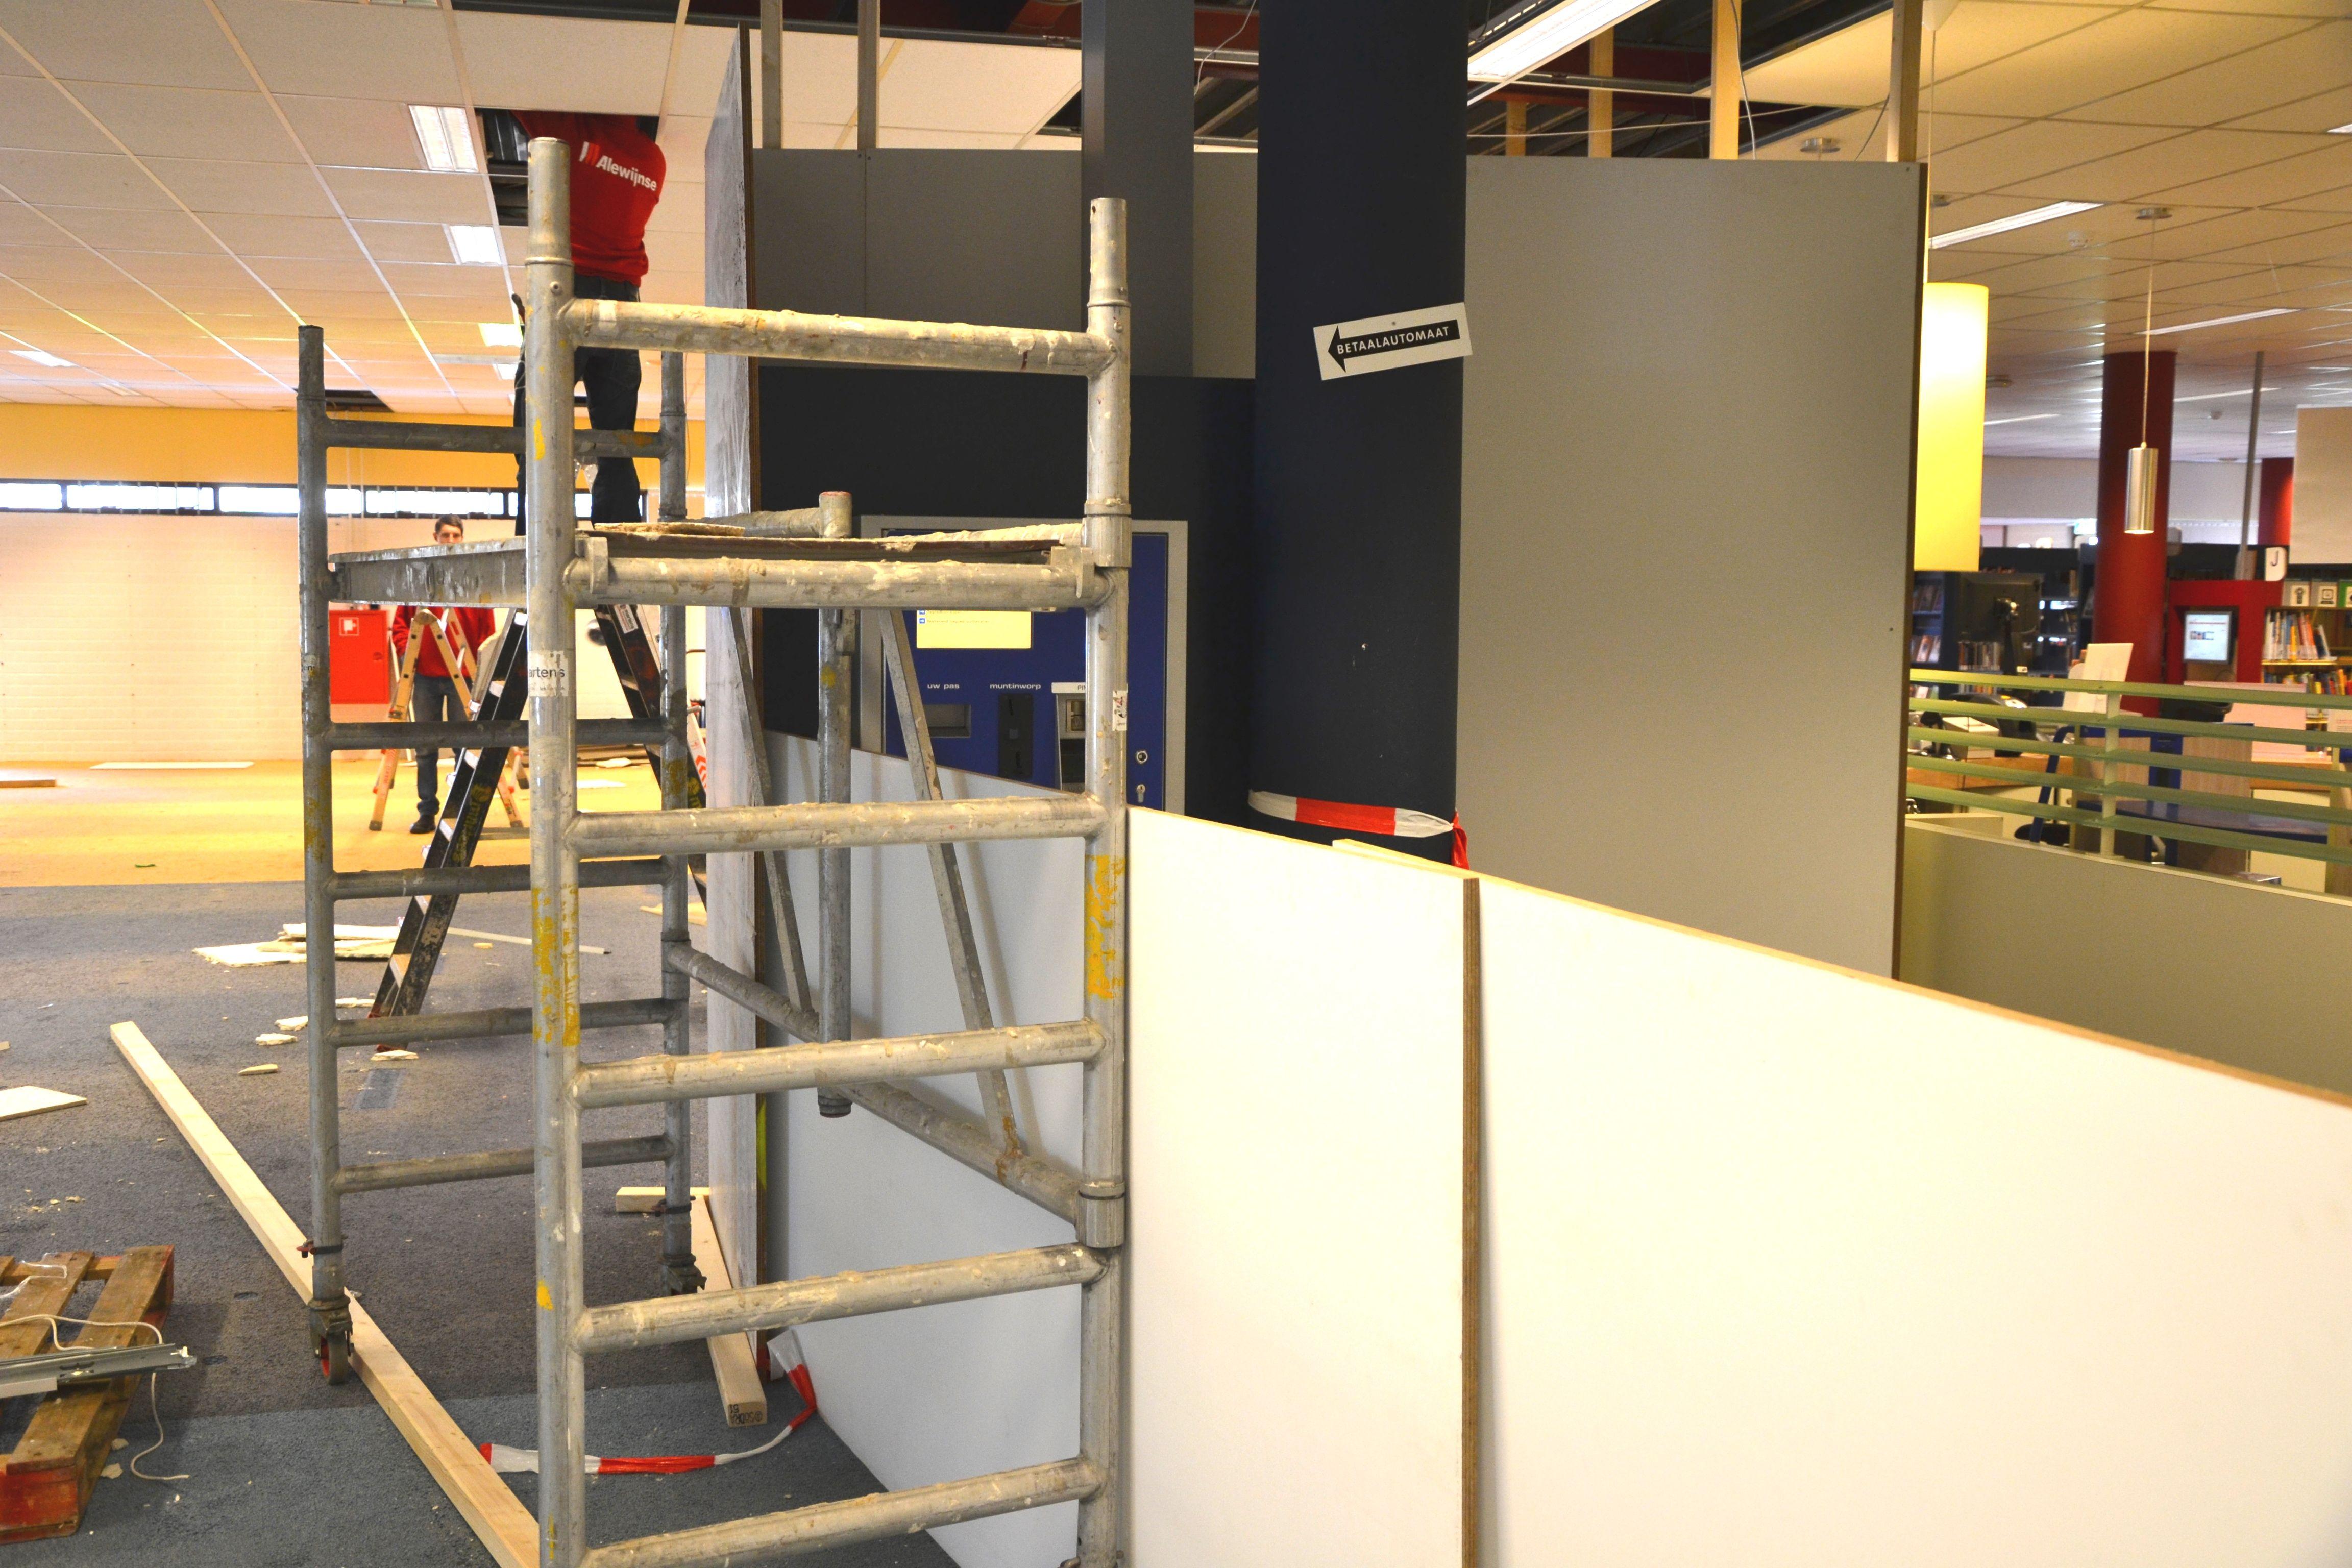 De brandbeveiliging wordt aangepast vanwege het stofschot en de nieuwe indeling van de tijdelijke bibliotheek.